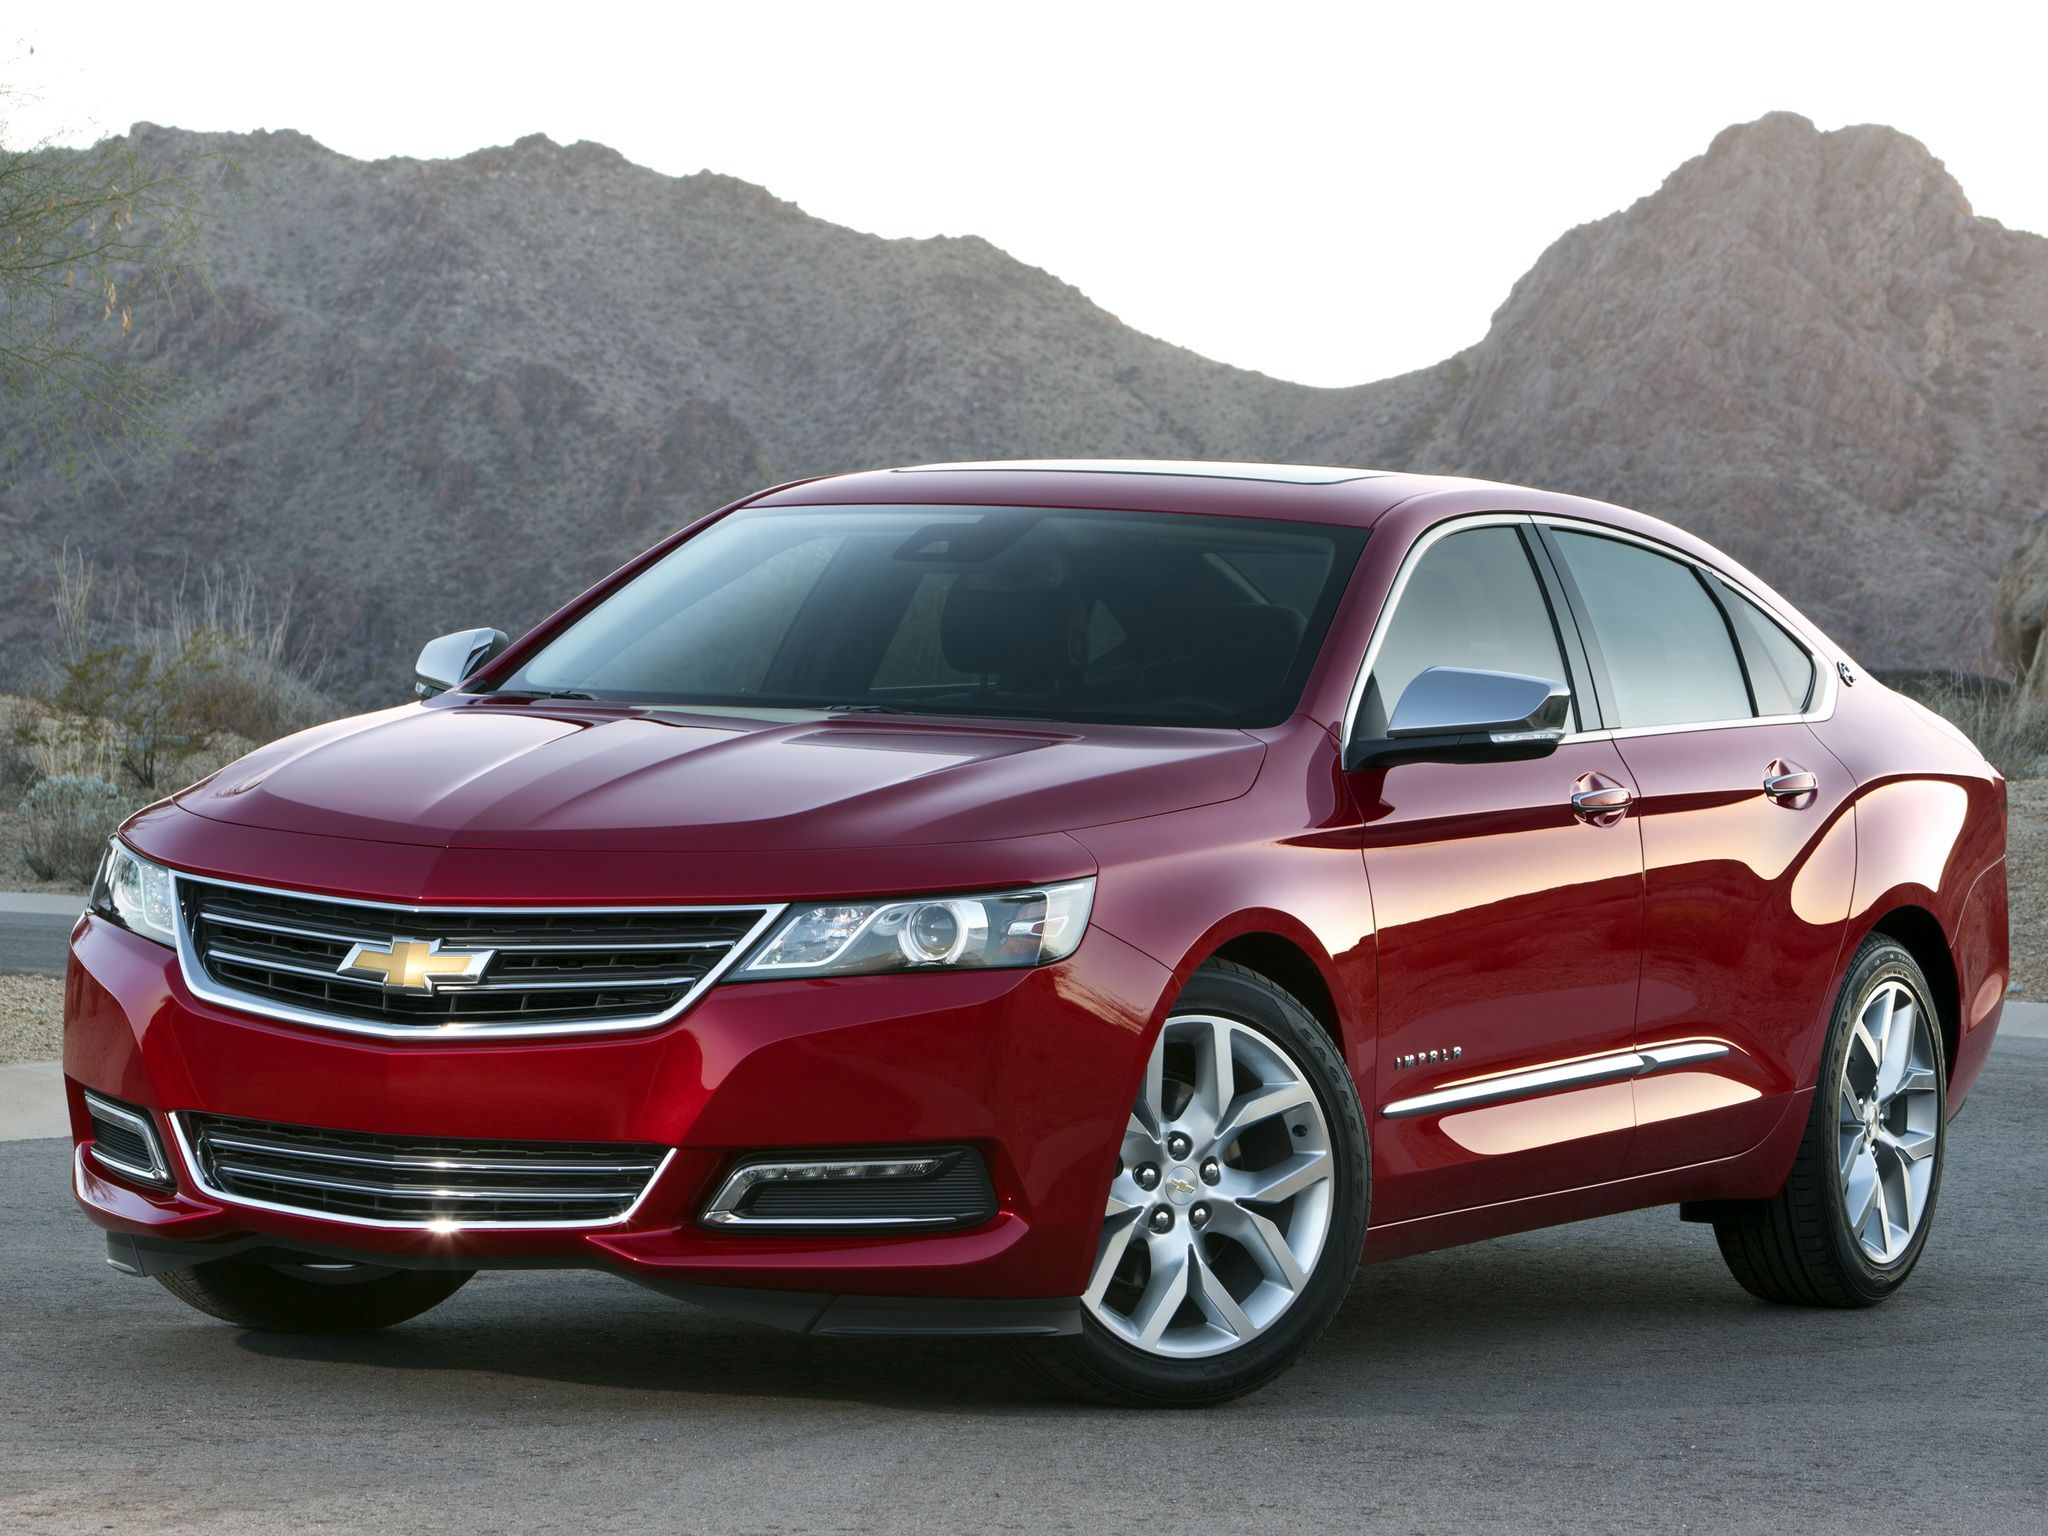 2013 impala ltz chevrolet impala ltz 2013 [ 2048 x 1536 Pixel ]